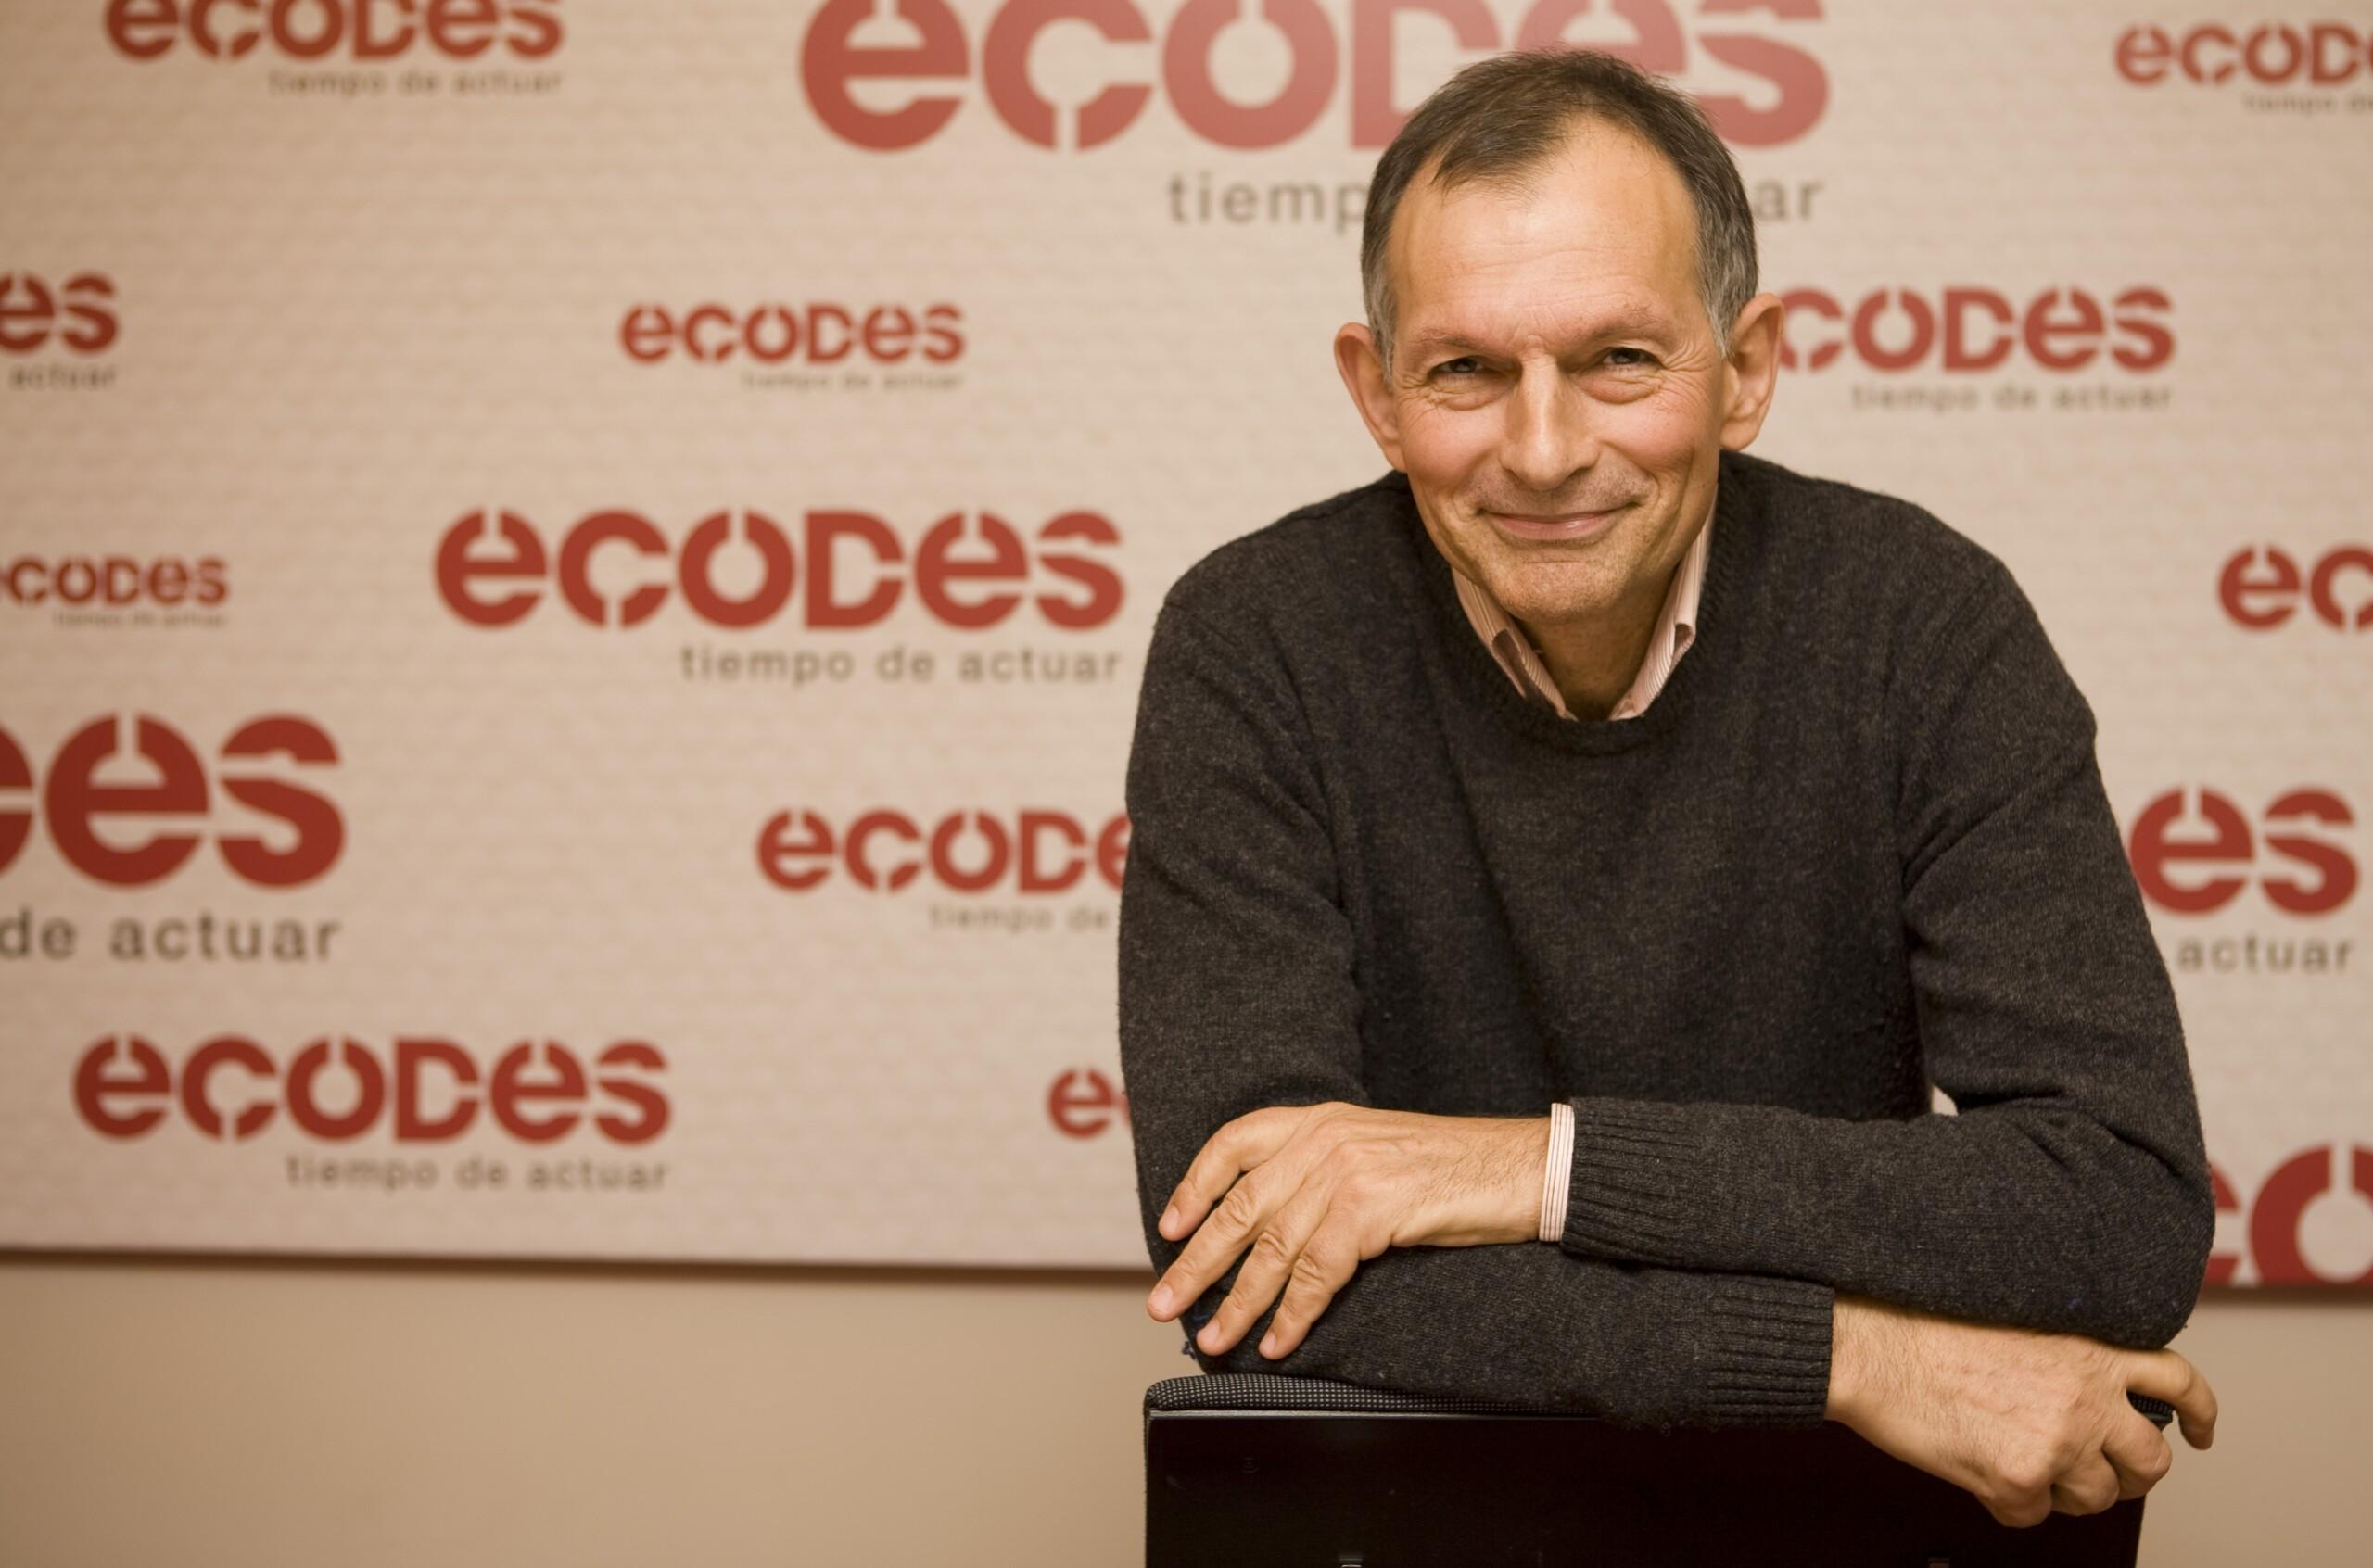 Víctor Viñuales Sociólogo, cofundador y Director de Fundación Ecología y Desarrollo (ECODES)